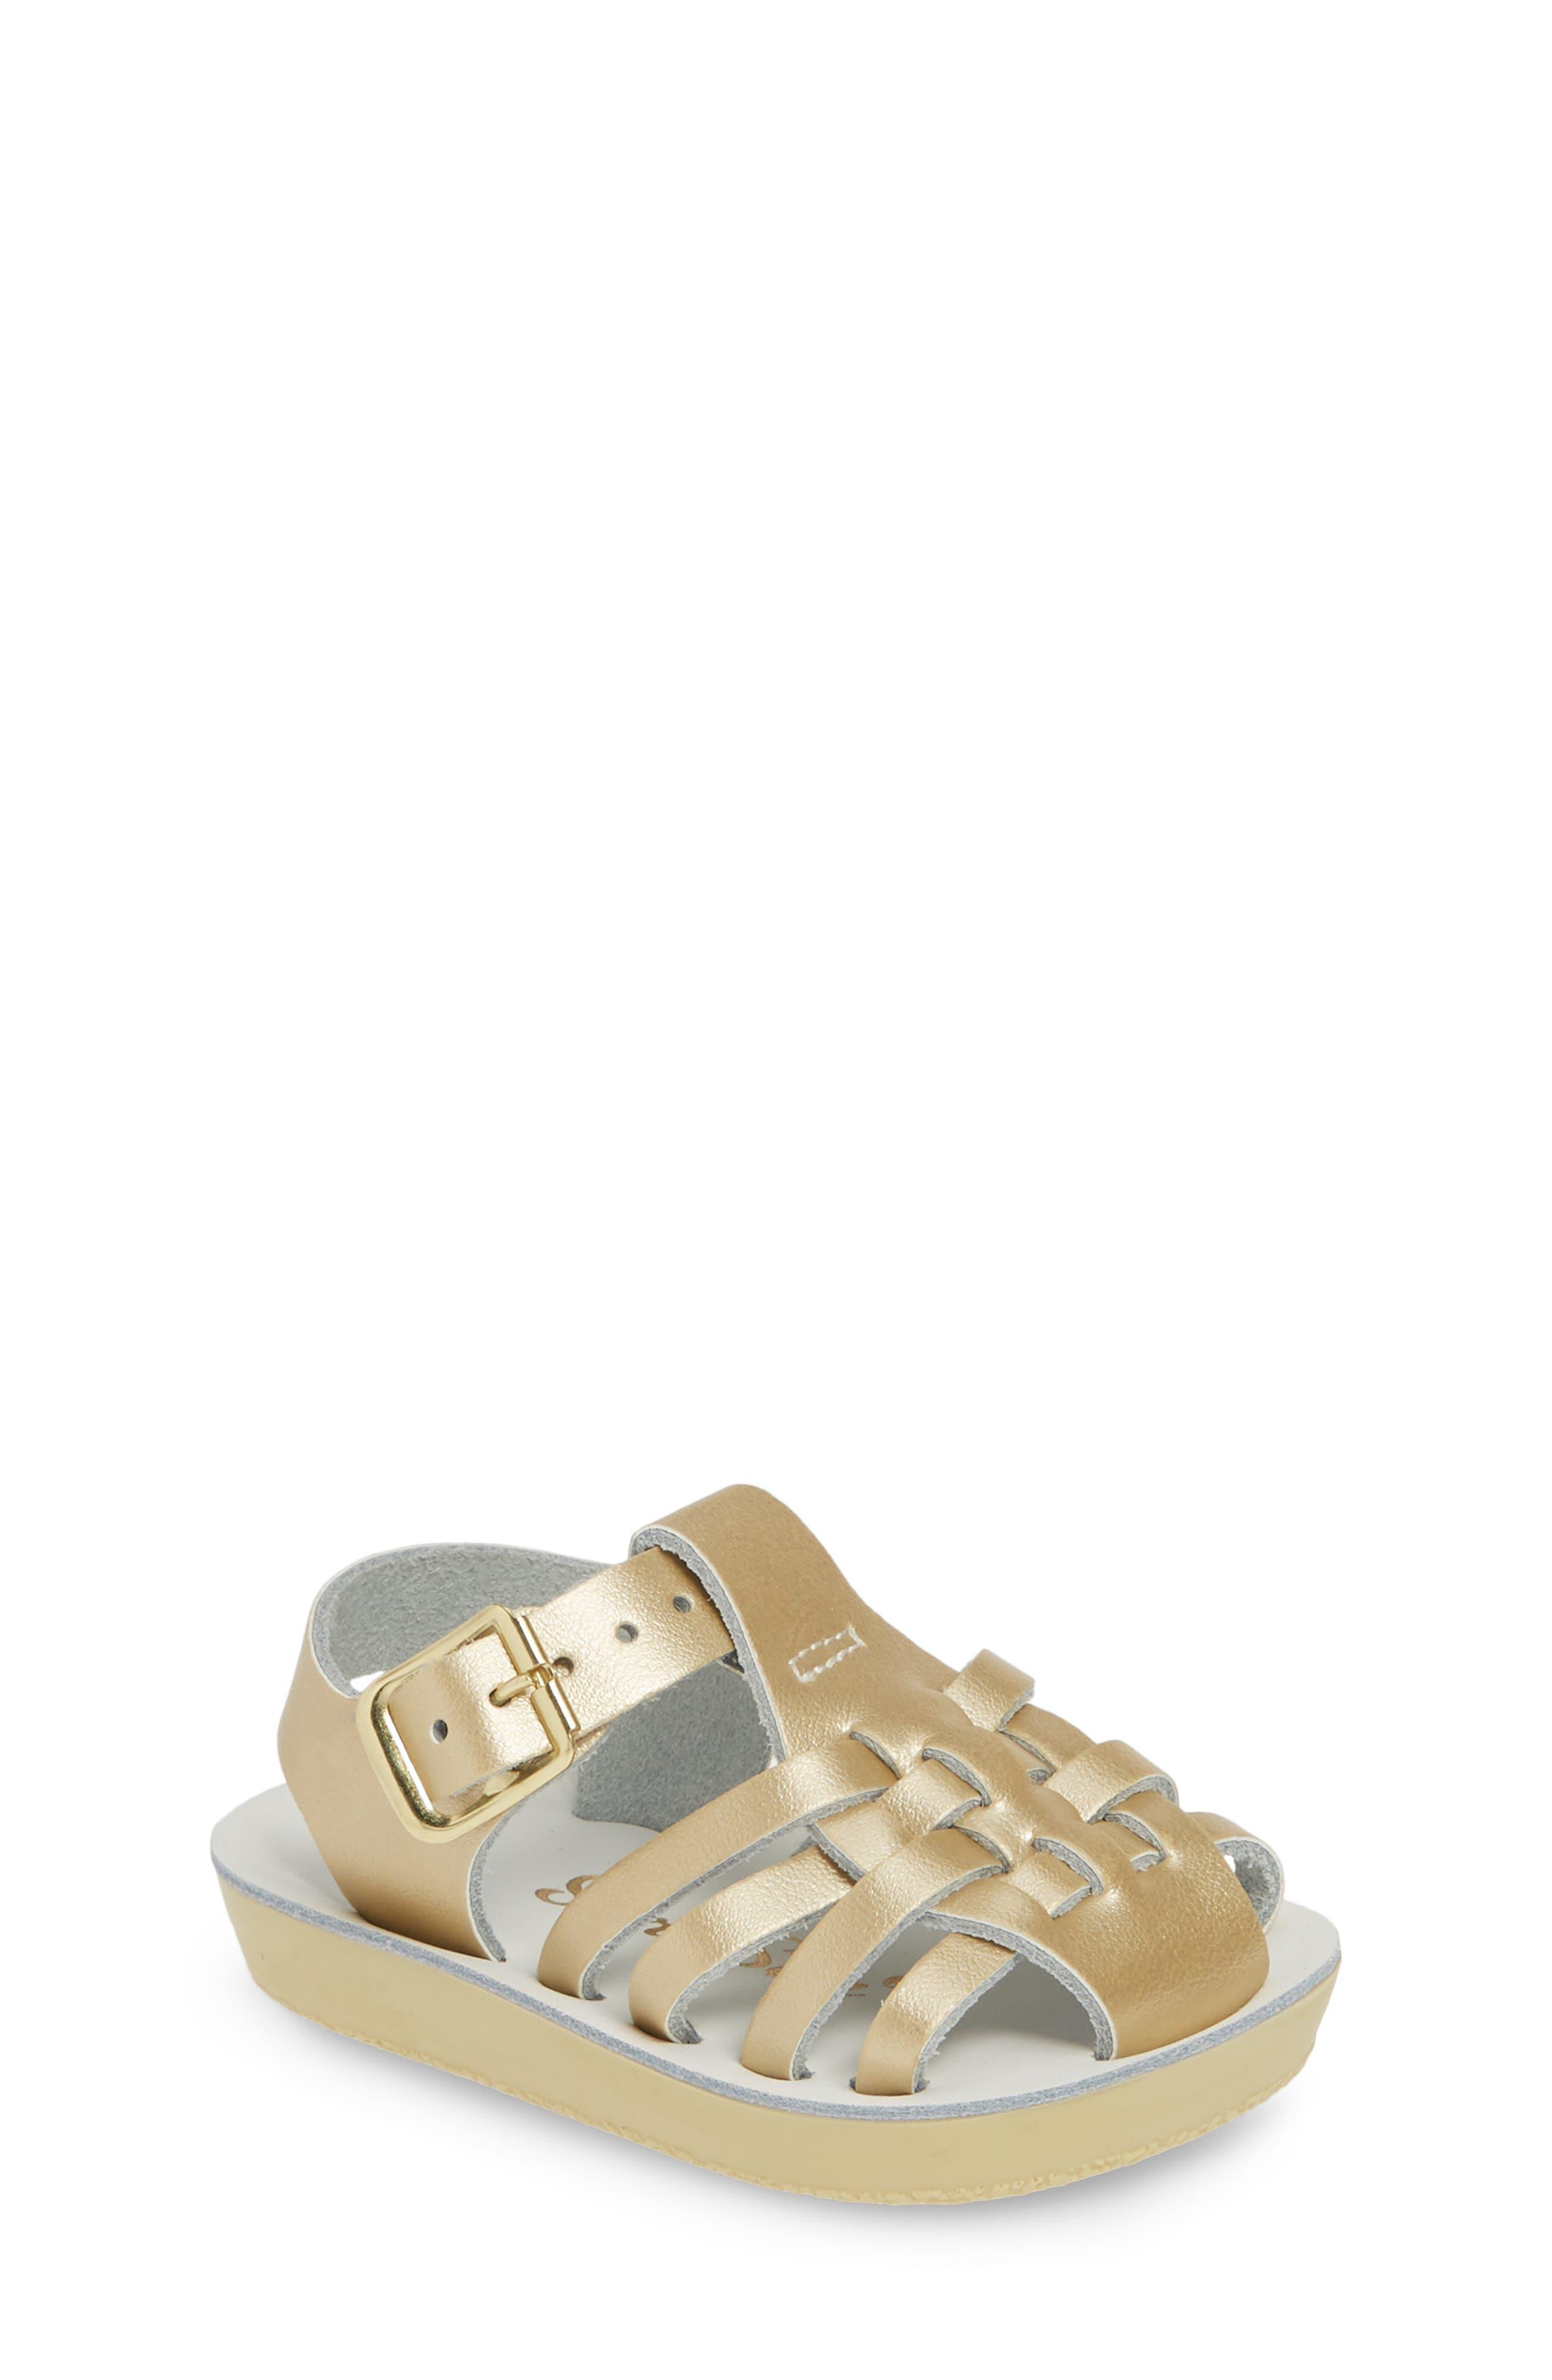 1b93dddf6 Girls  Salt Water Sandals By Hoy Shoes